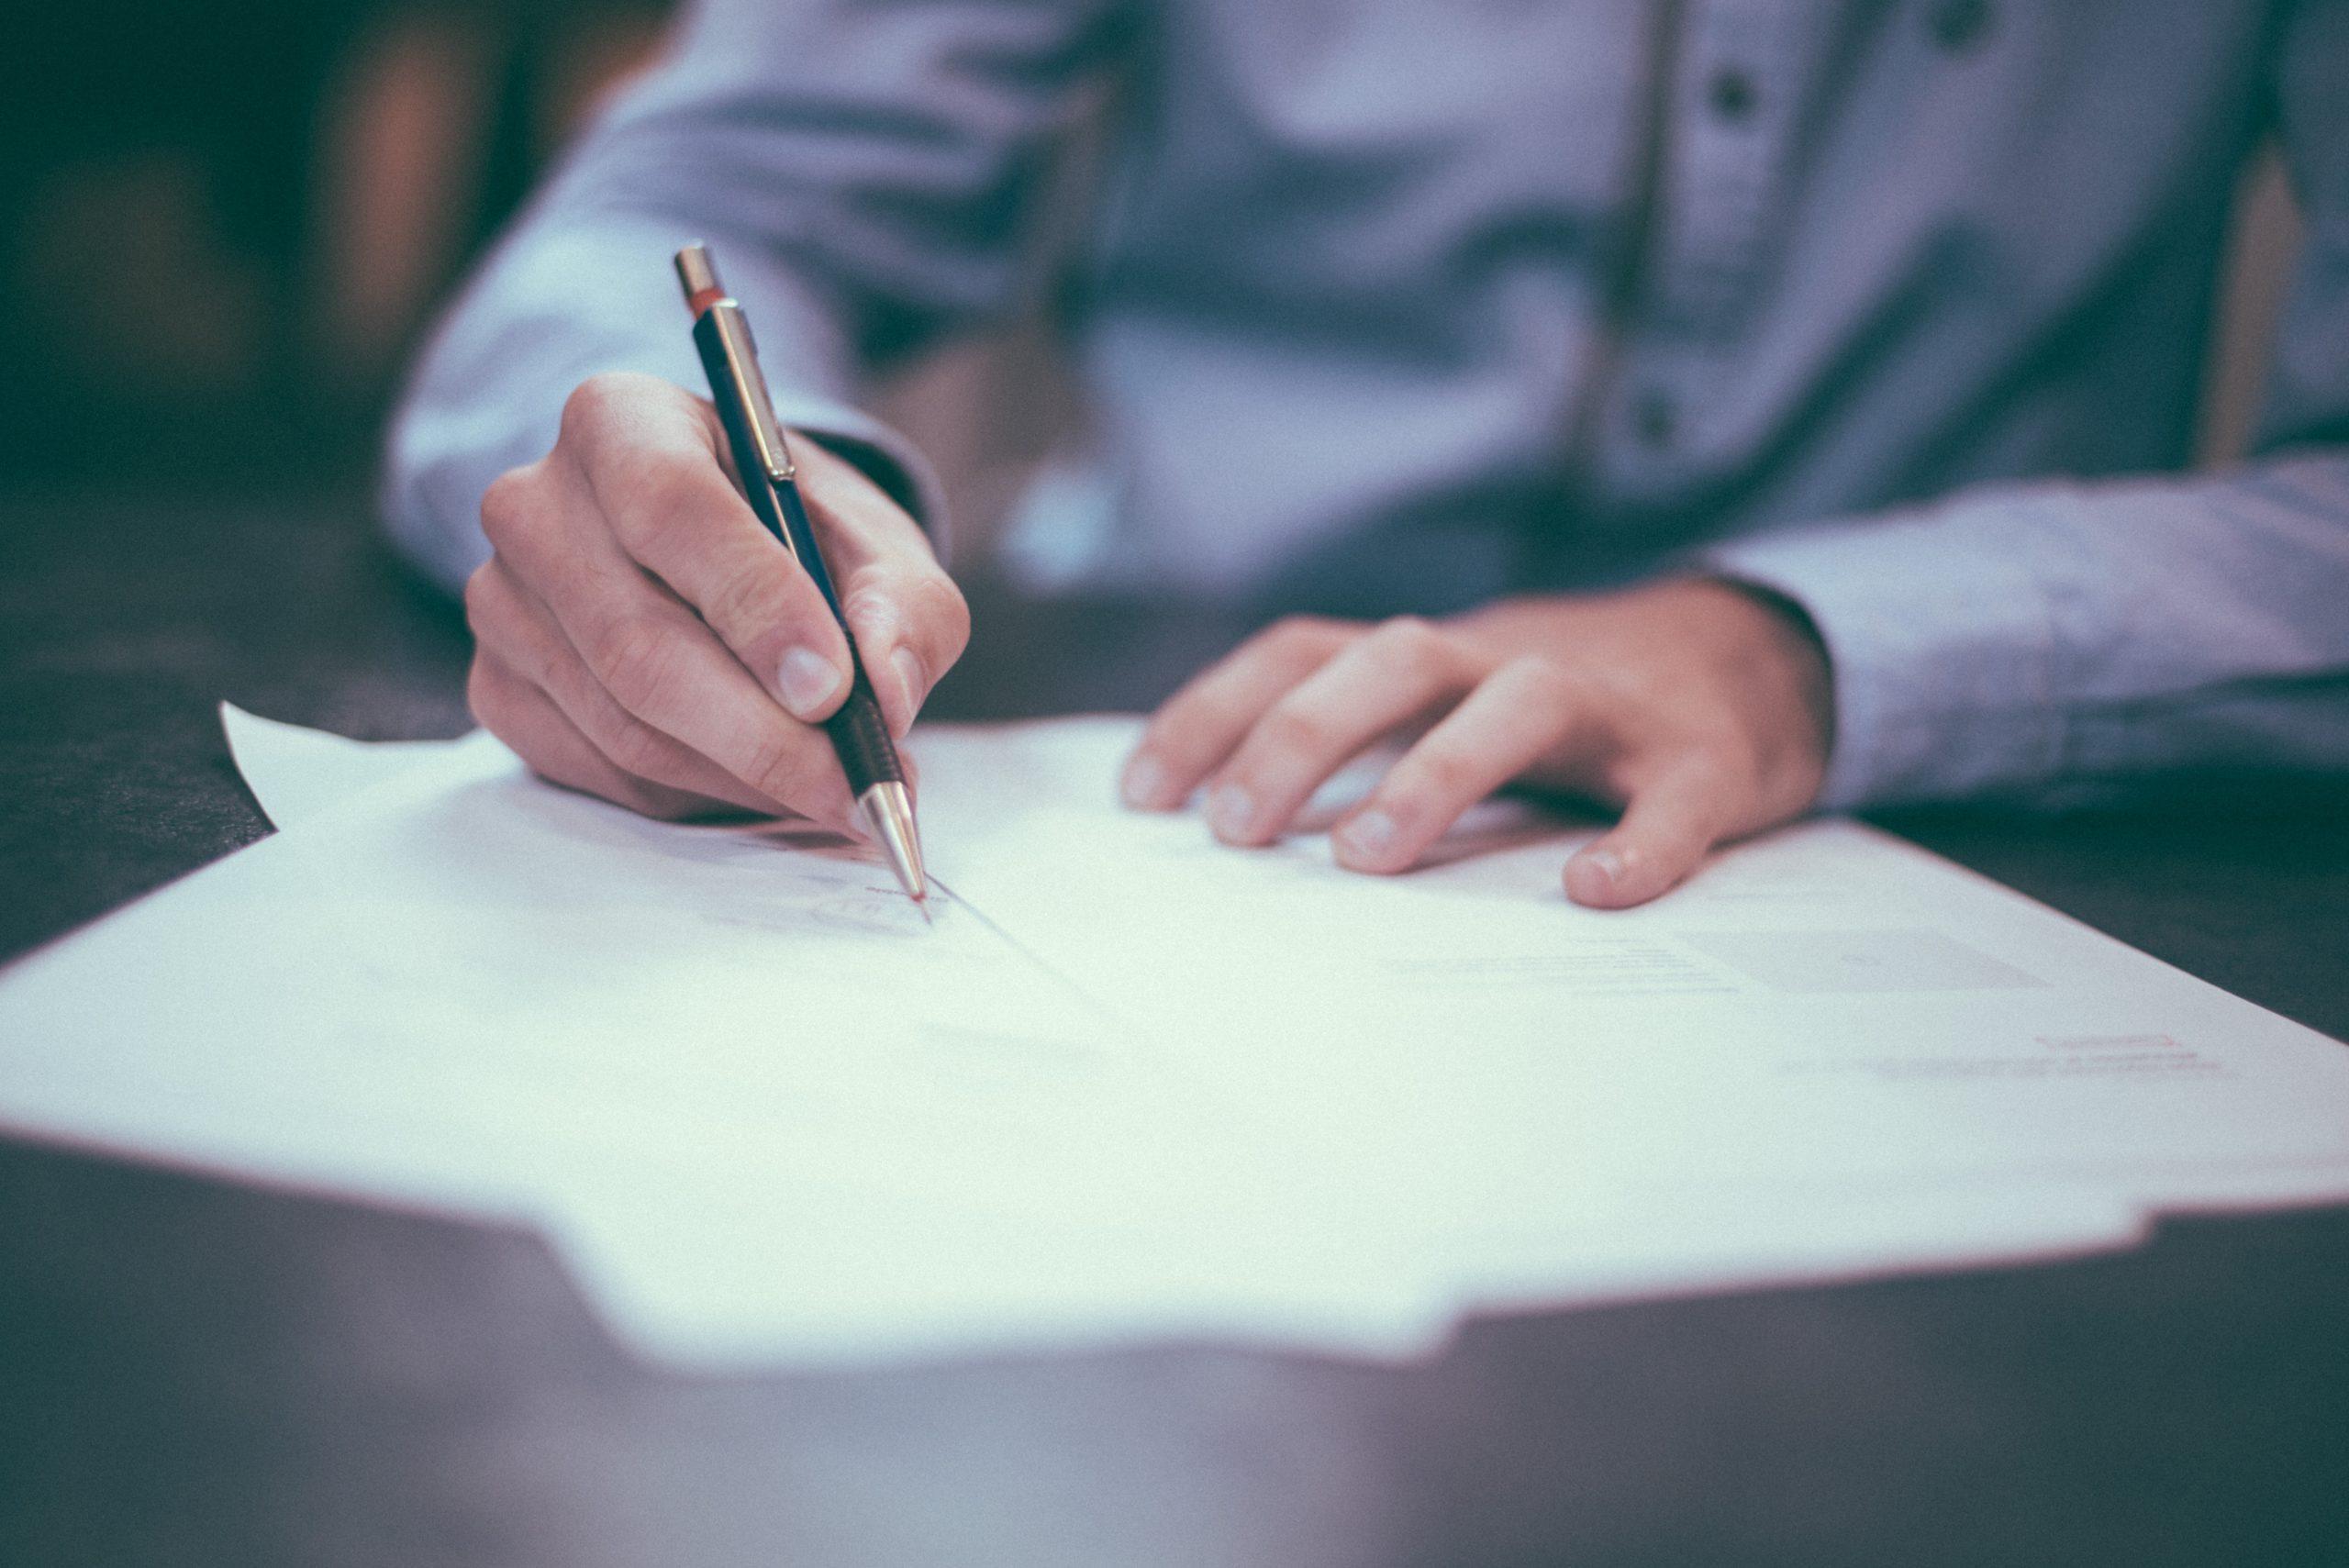 Tájékoztató a gazdálkodó szervezetek kötelező regisztrációjáról és kamarai hozzájárulás megfizetéséről